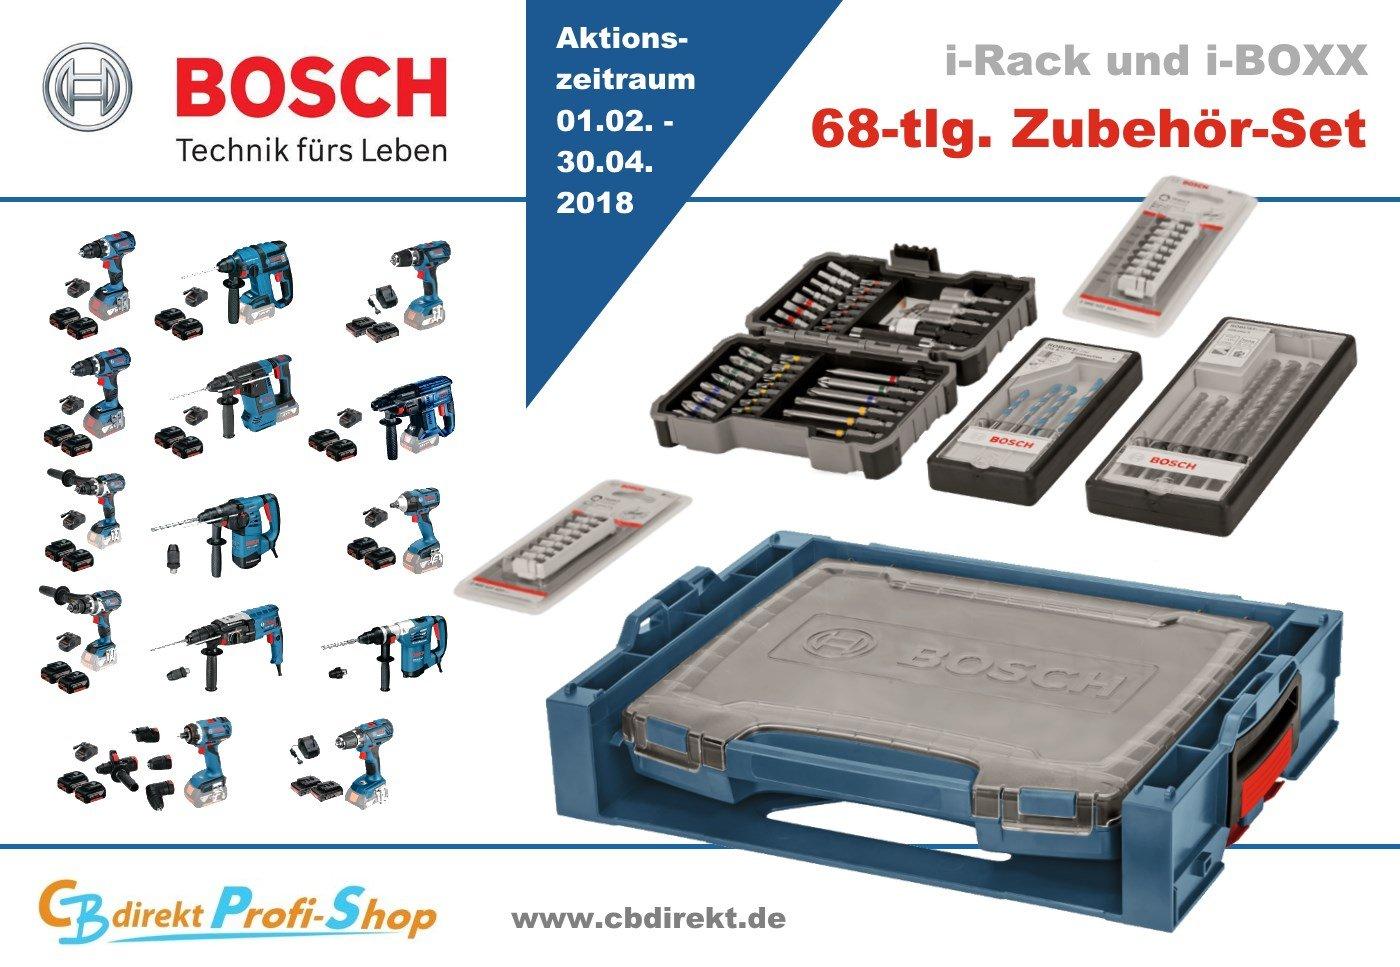 Bosch Aktion Elektrowerkzeug + 68-tlg. Zubehör Set 01.02.-30.04.18